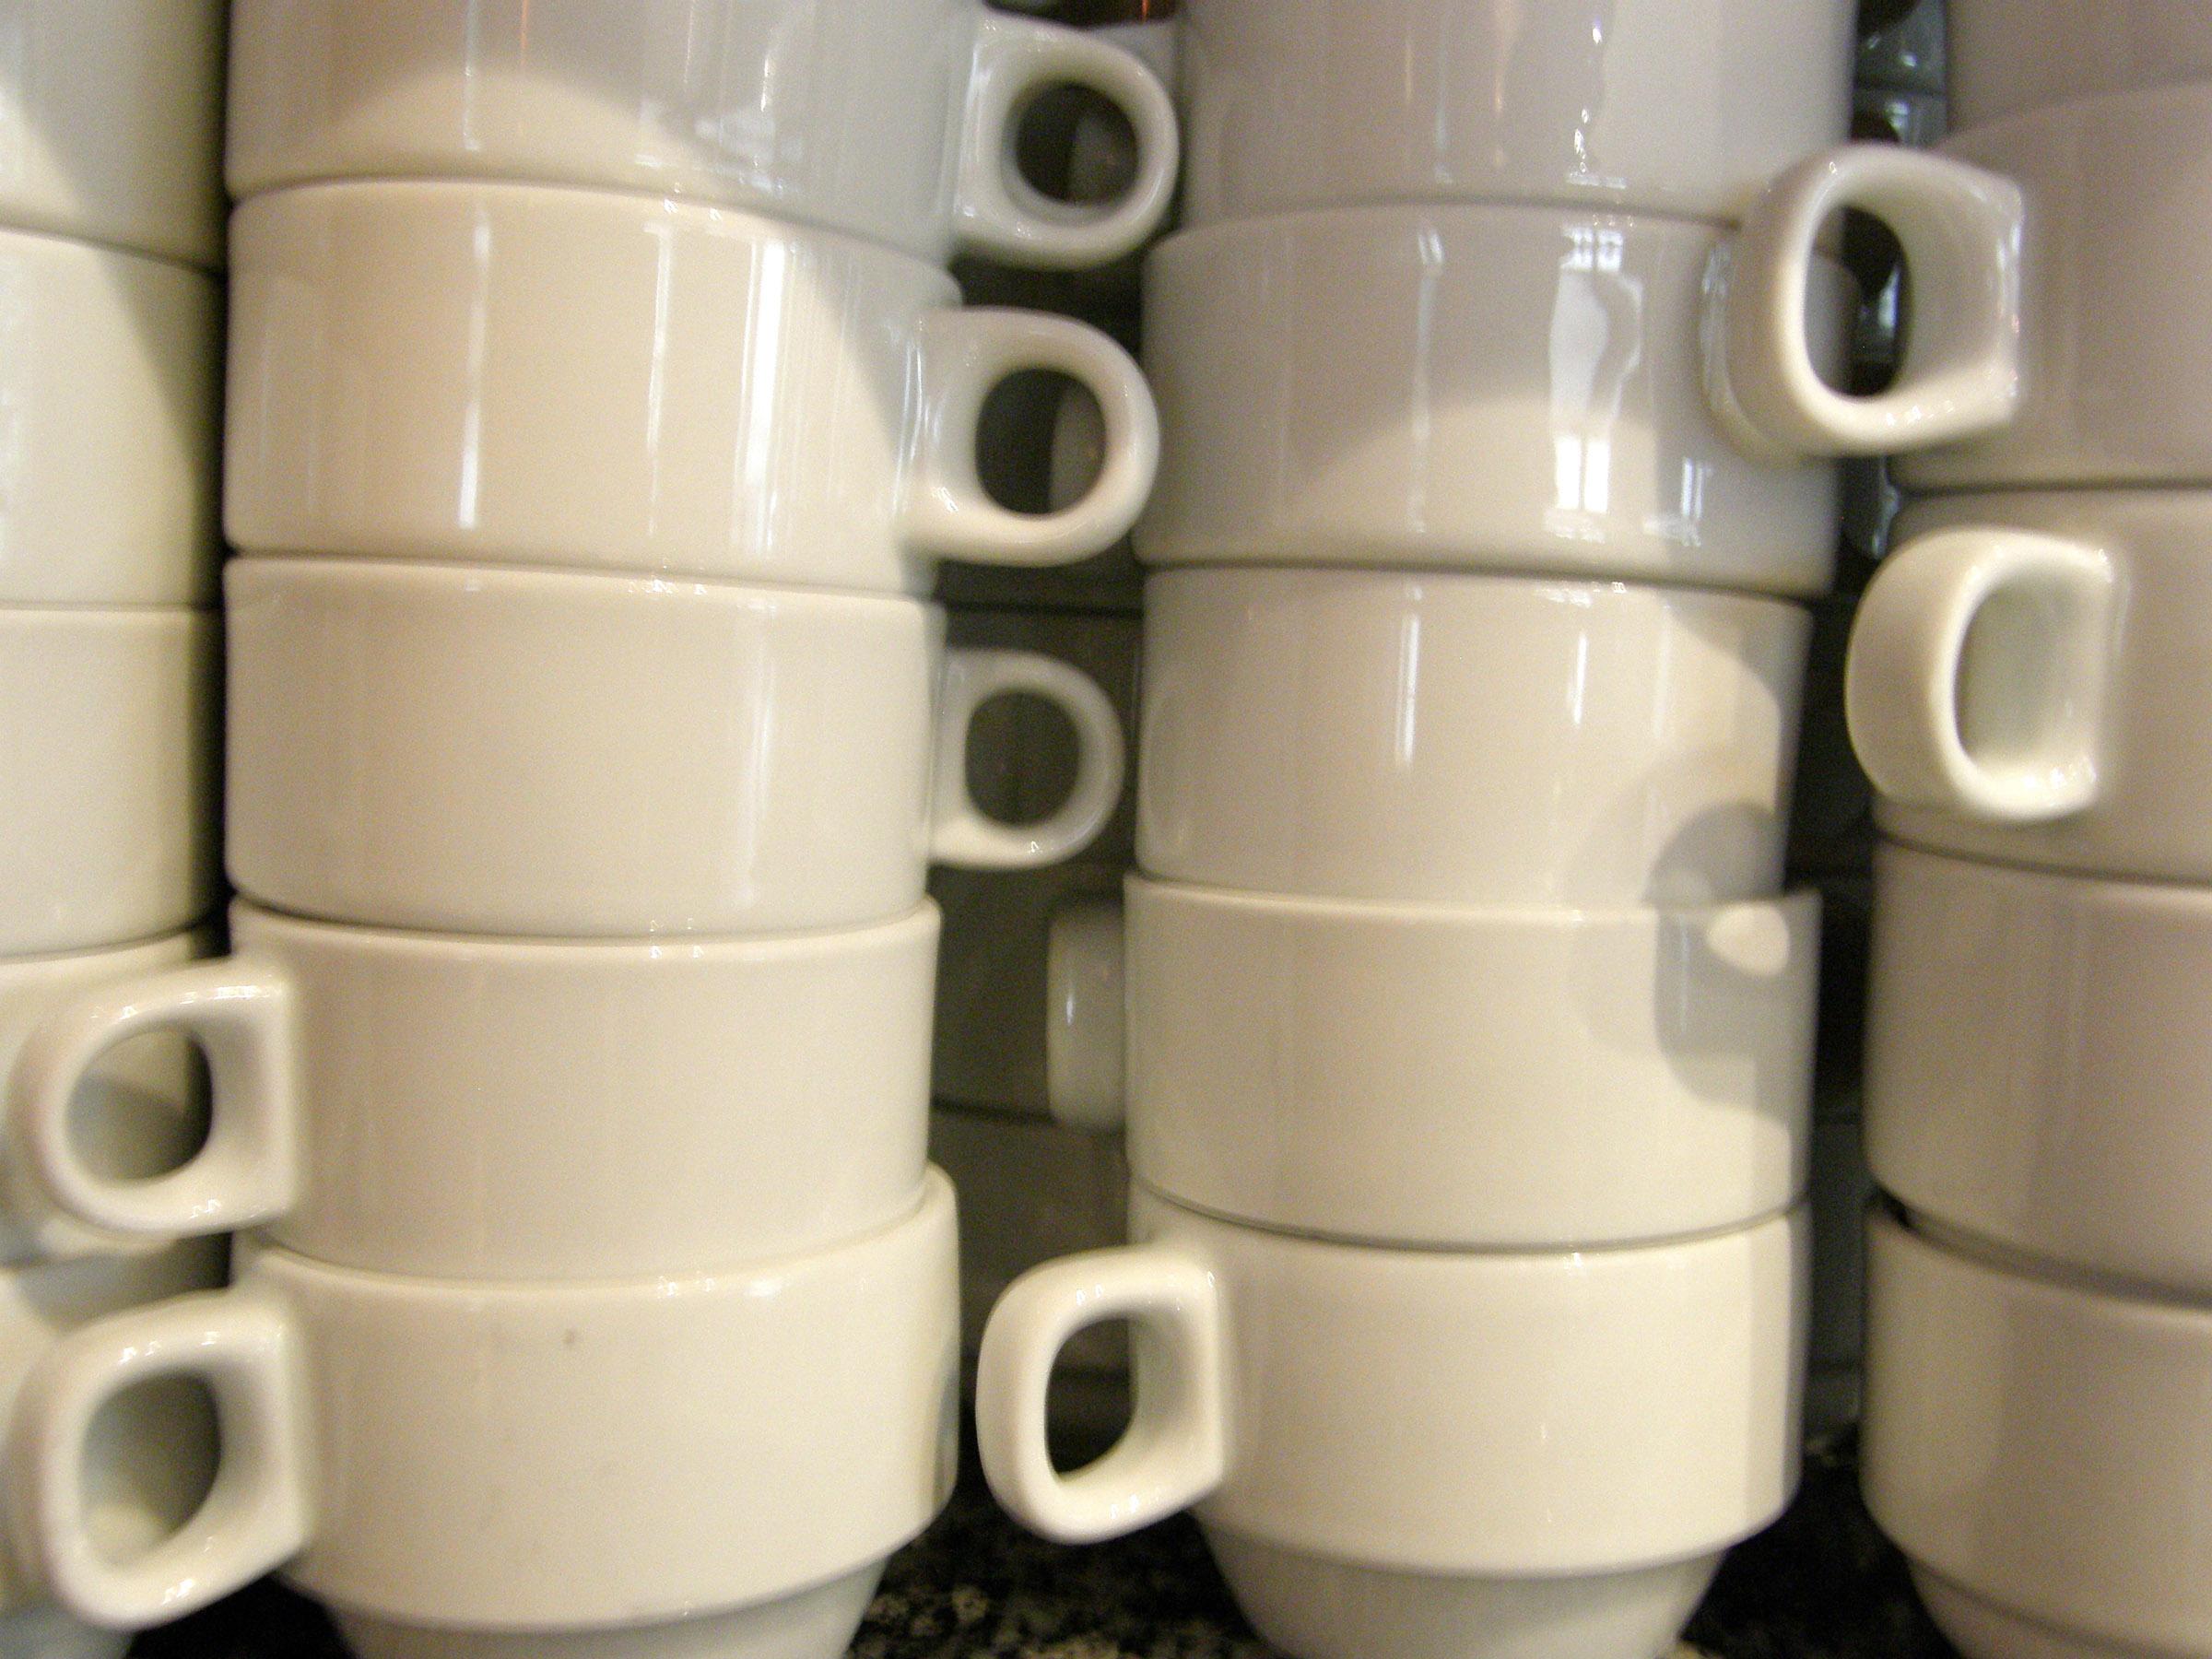 Beste Koffie van 2013: de uitslag van de AD koffietest